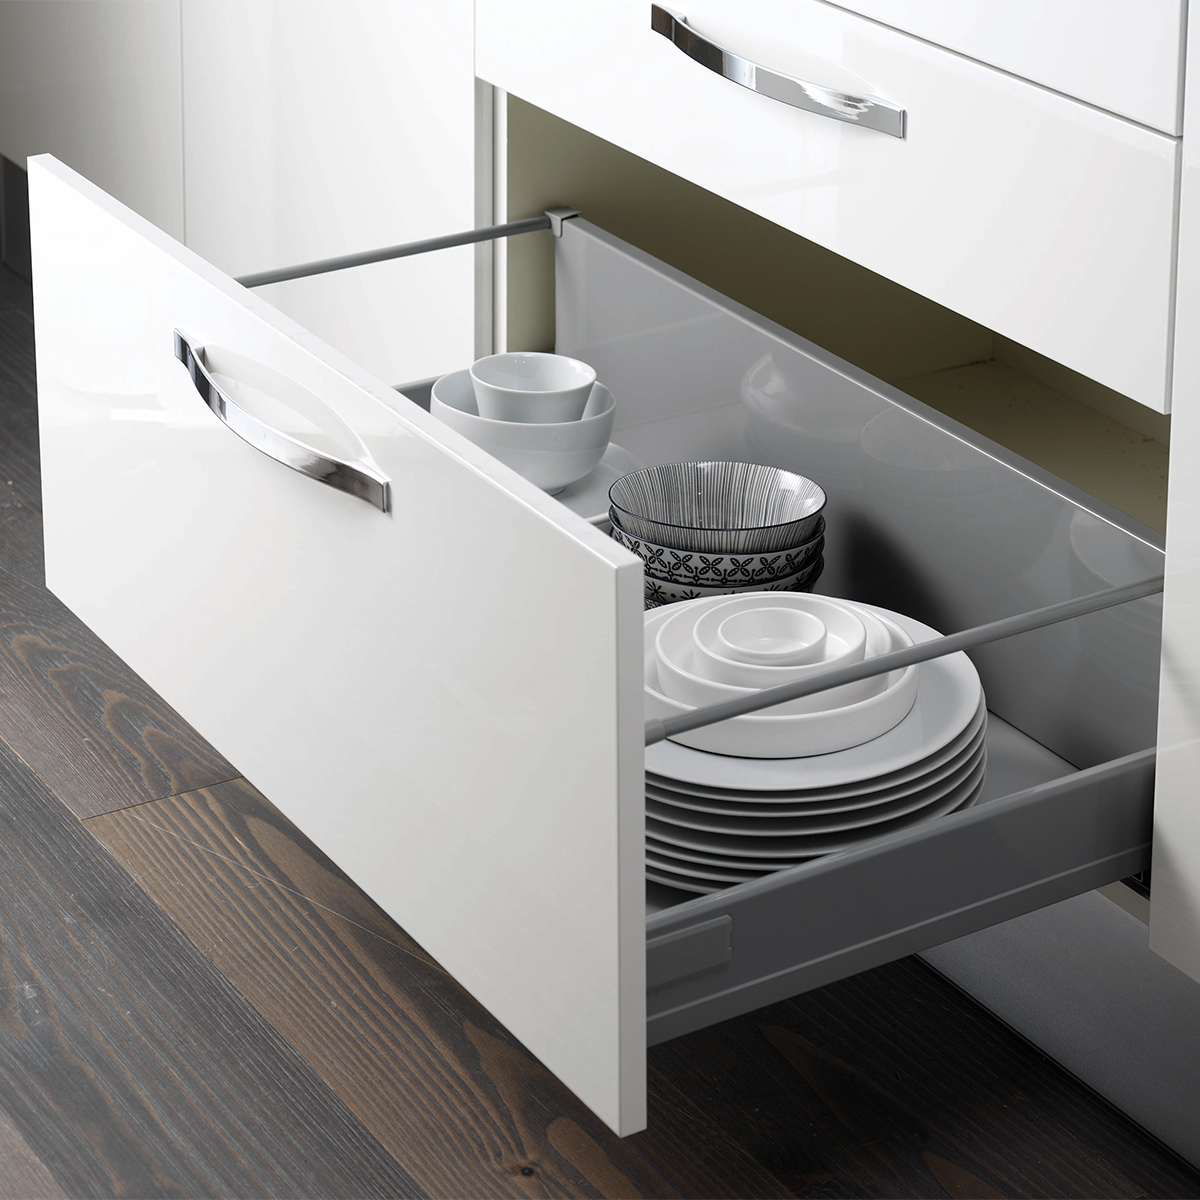 Stunning Pensile Cucina Mondo Convenienza Images - Design & Ideas ...